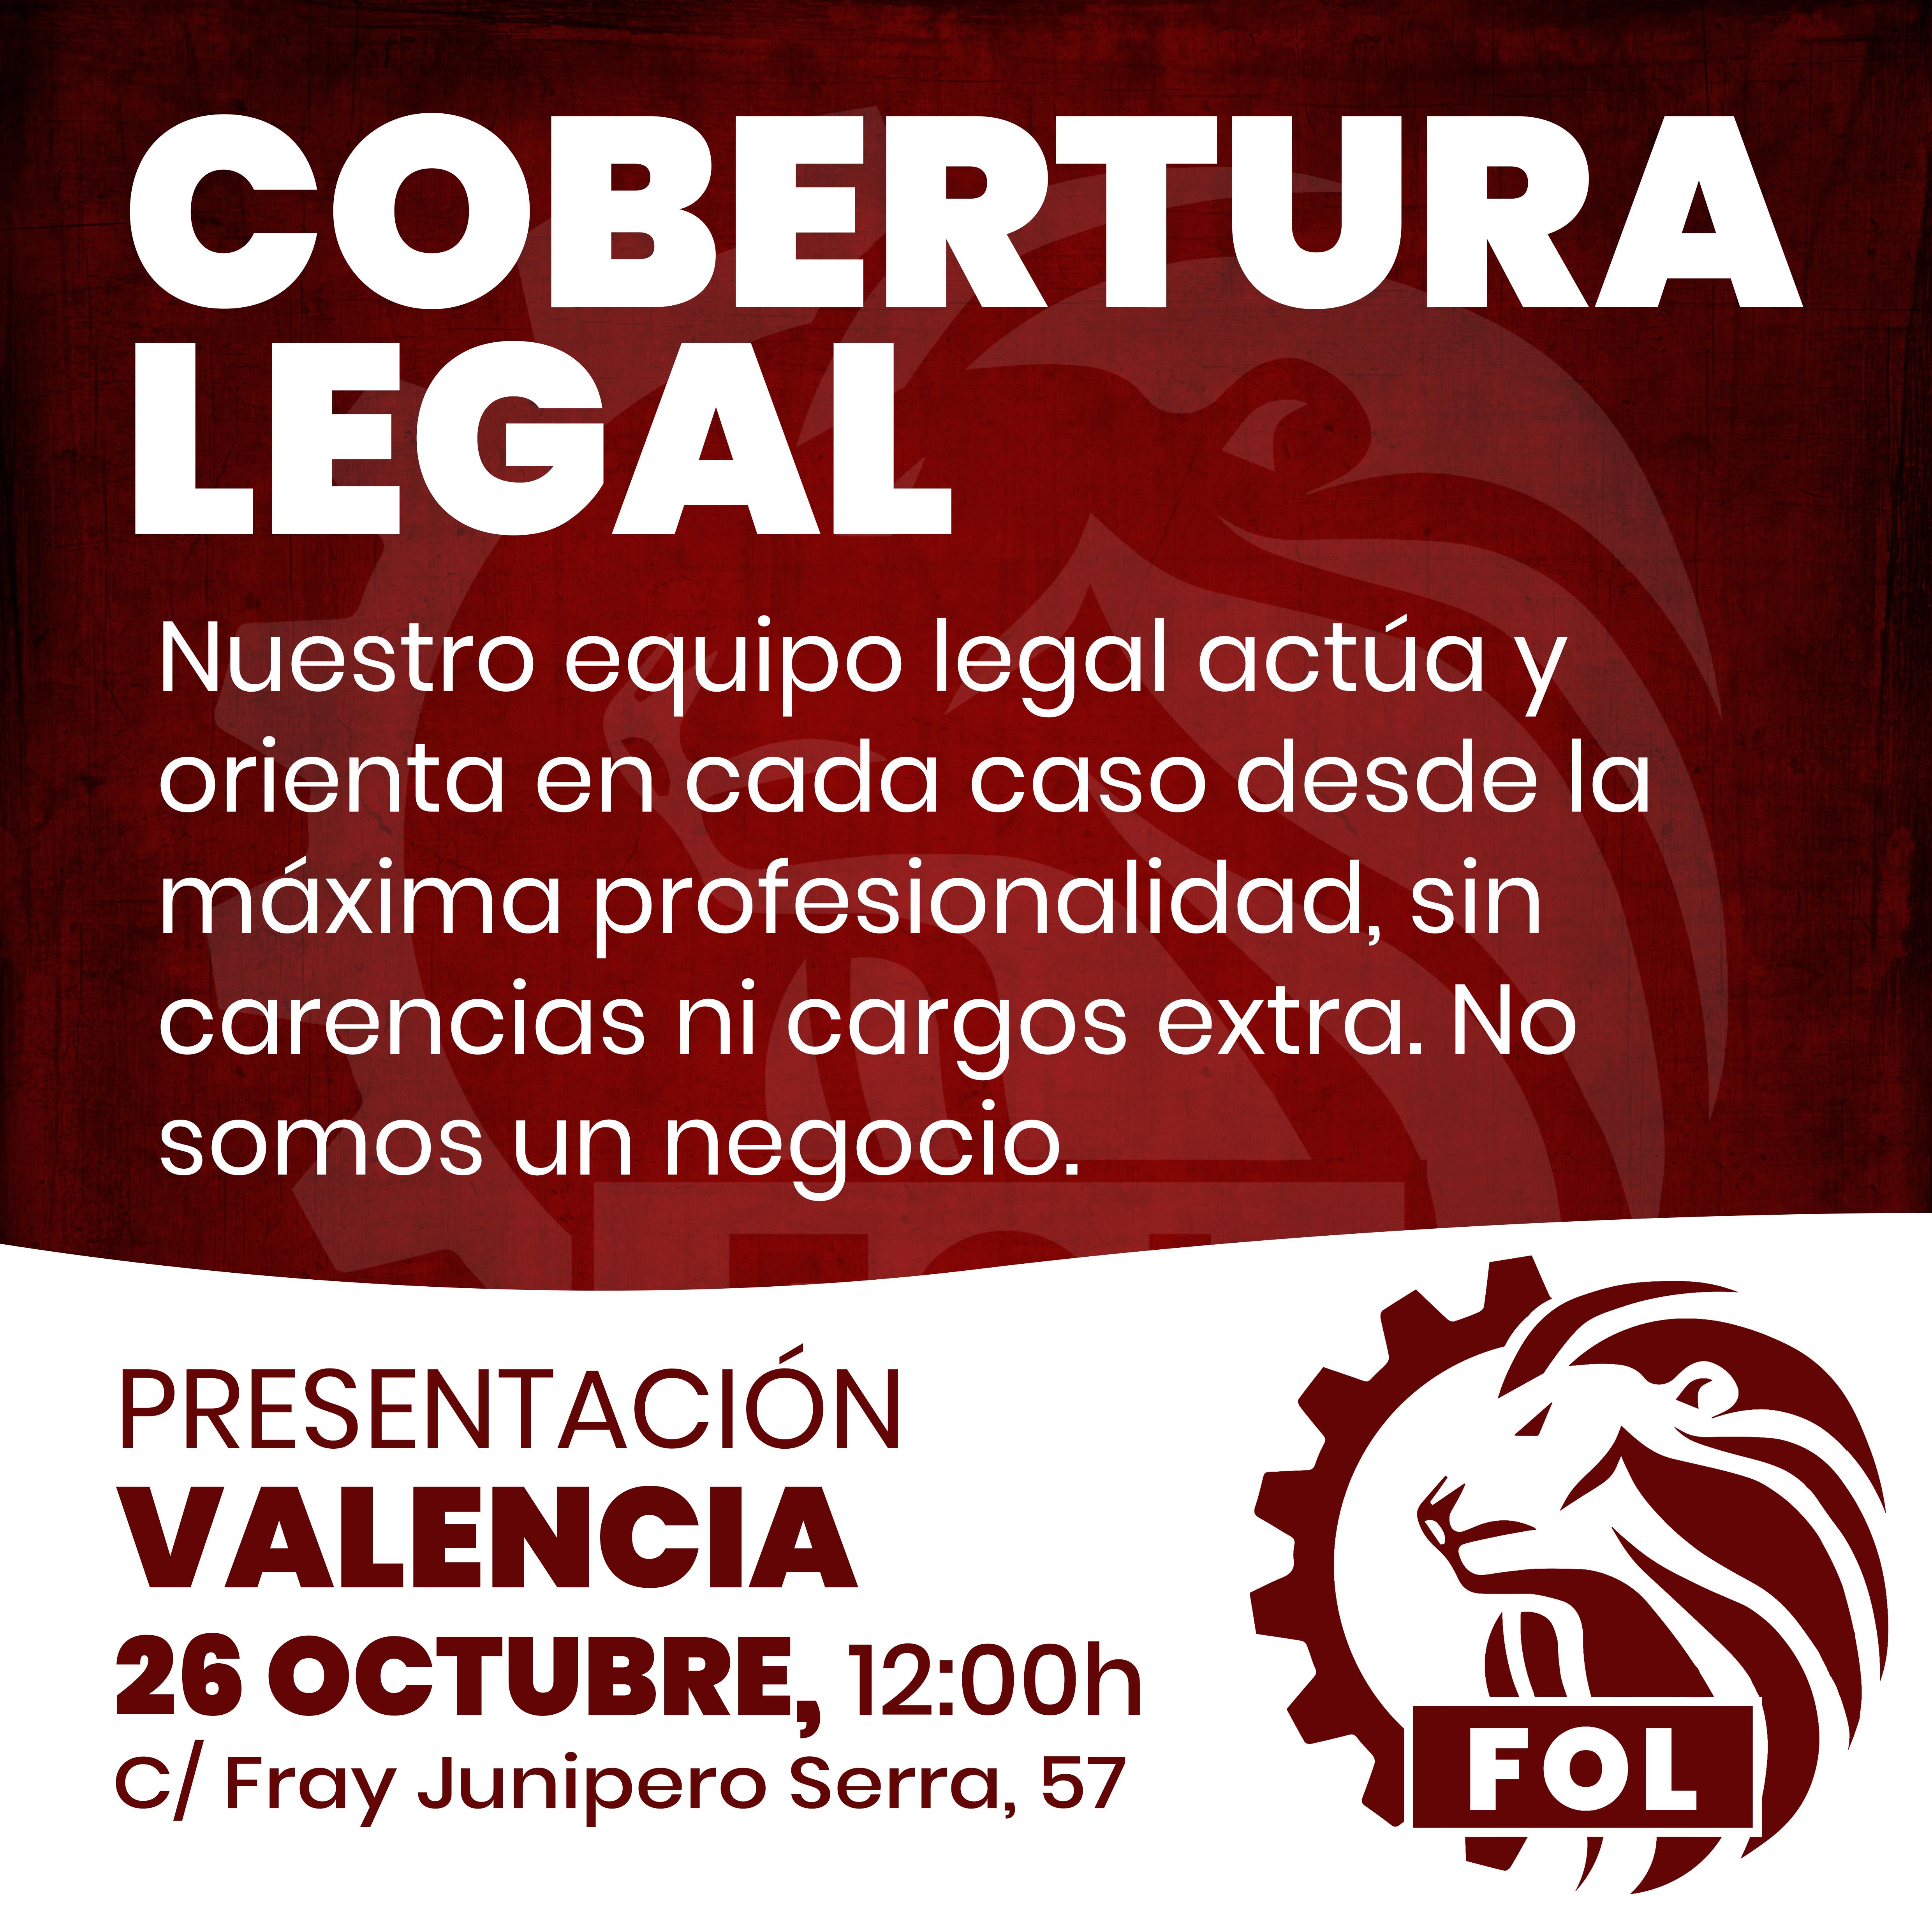 COBERTURA LEGAL